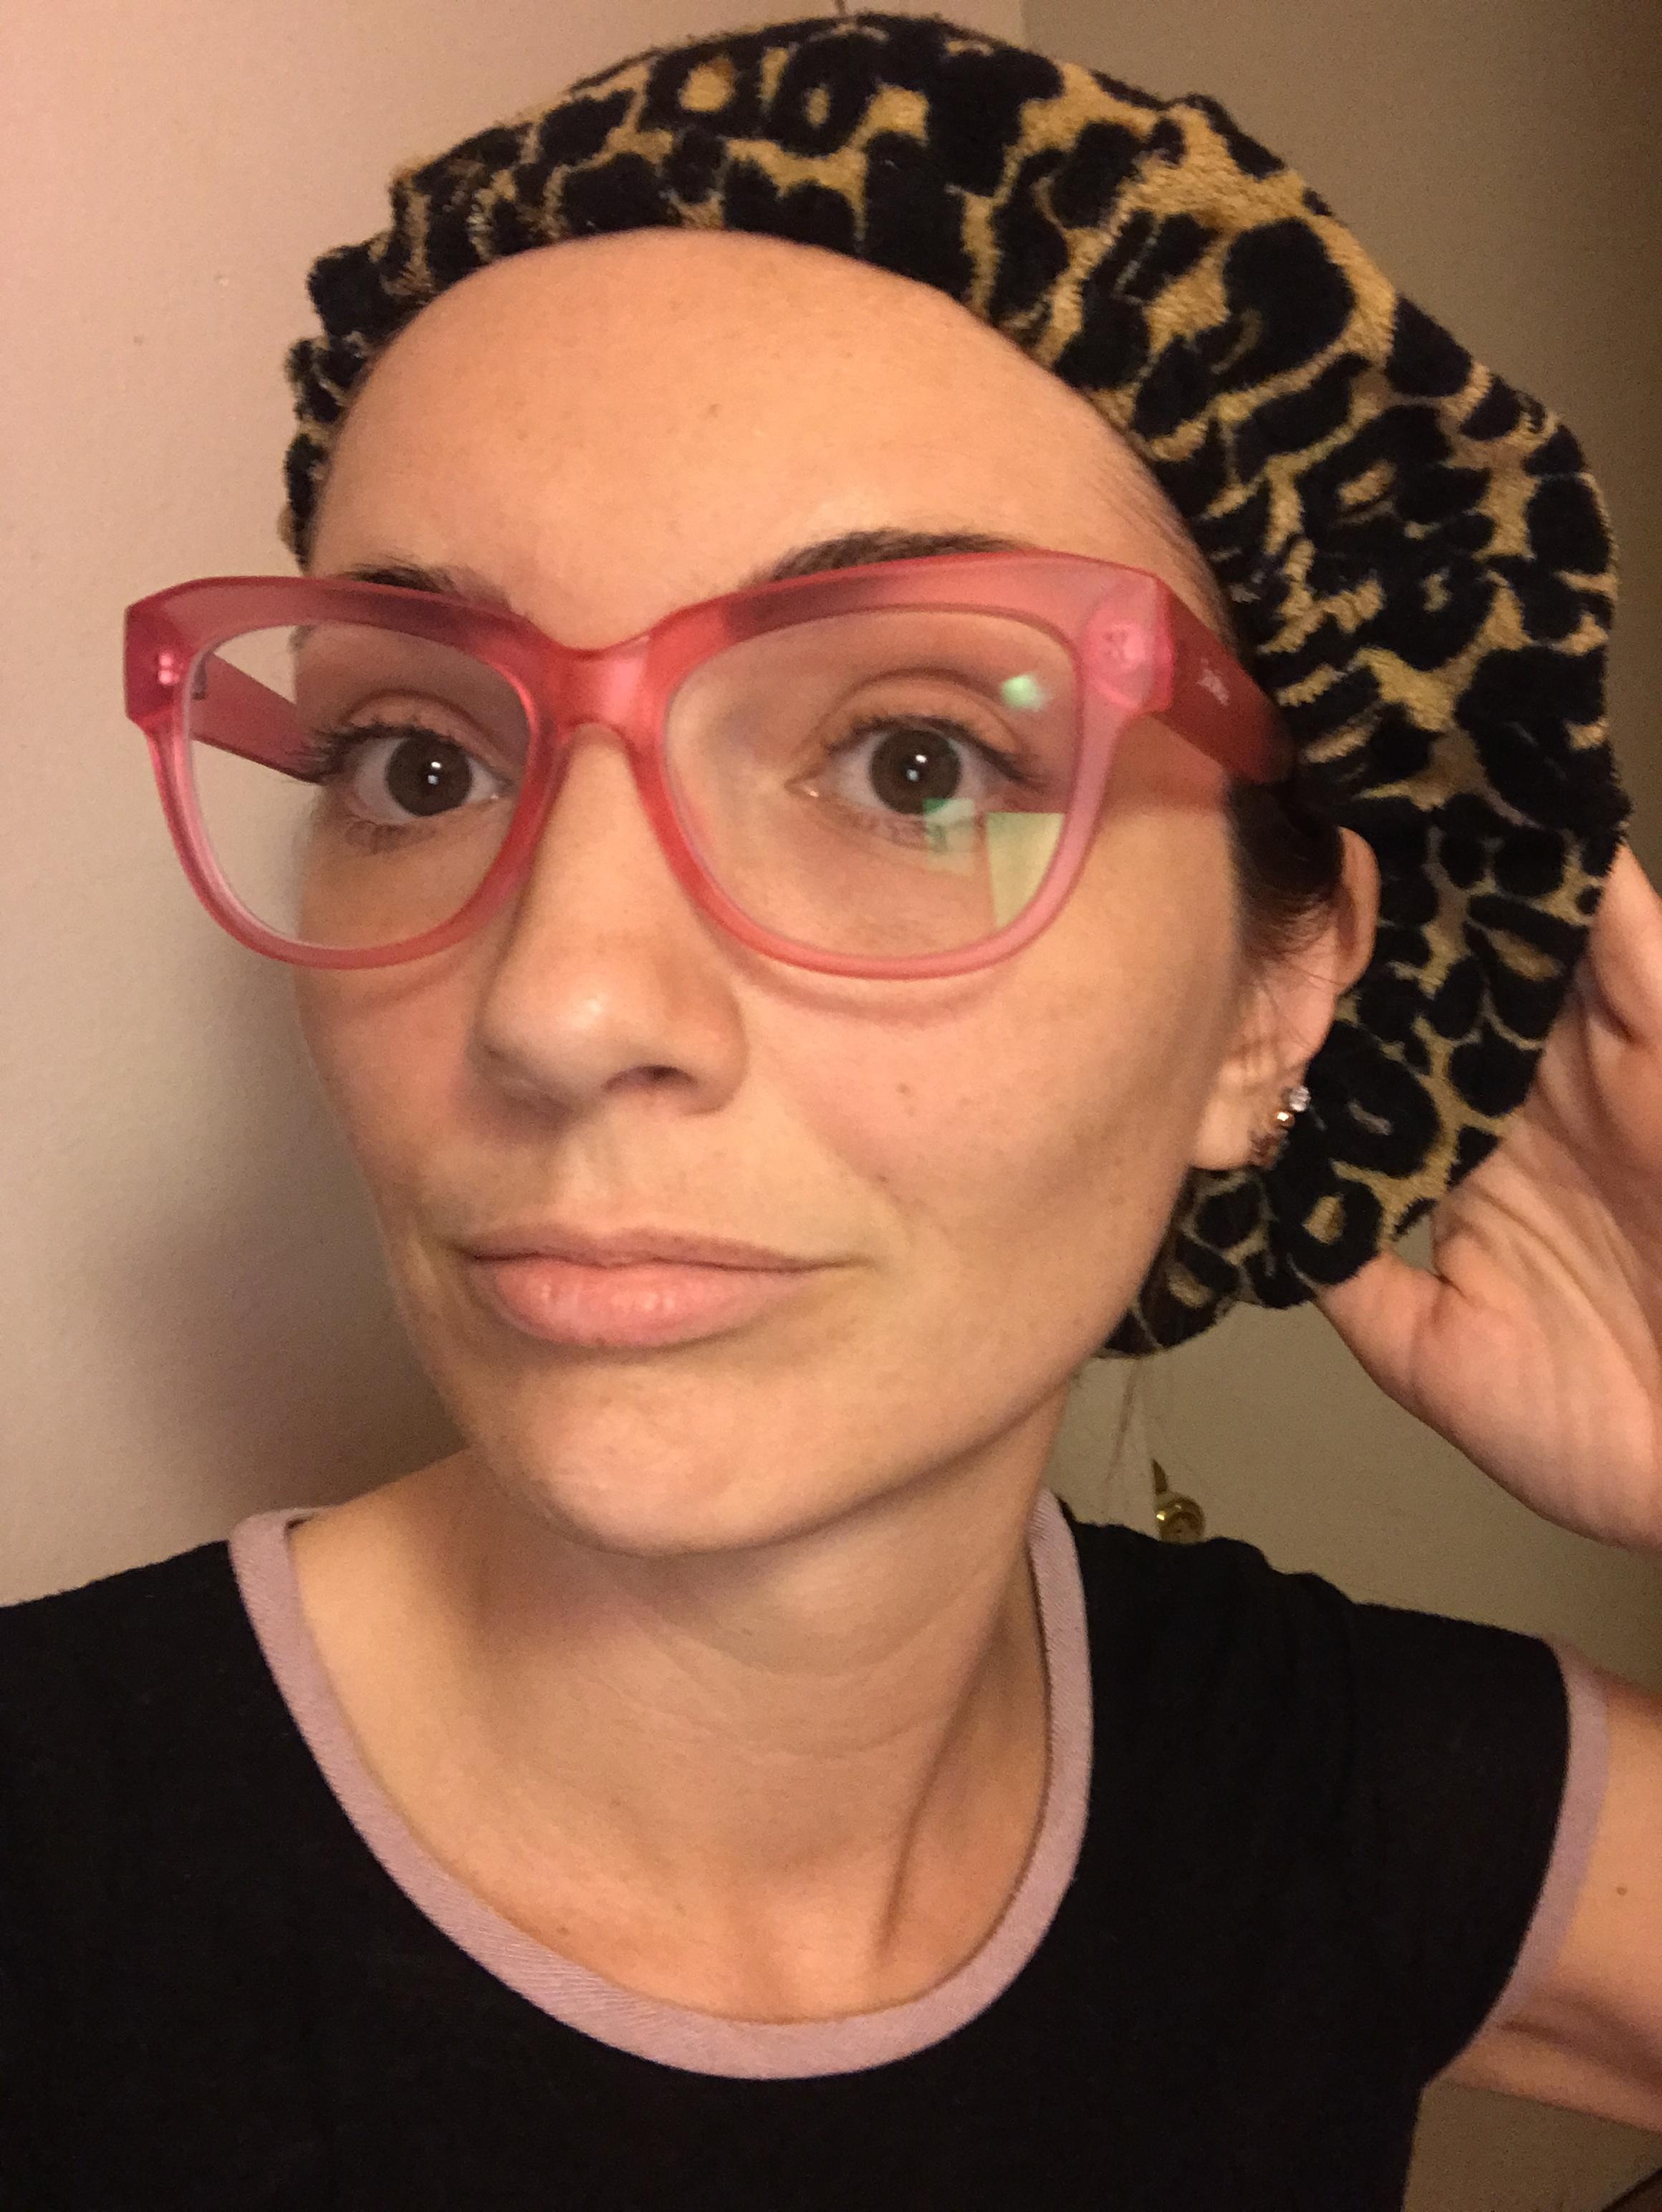 Tassi Hair Wrap - Keeps my fringe fresh